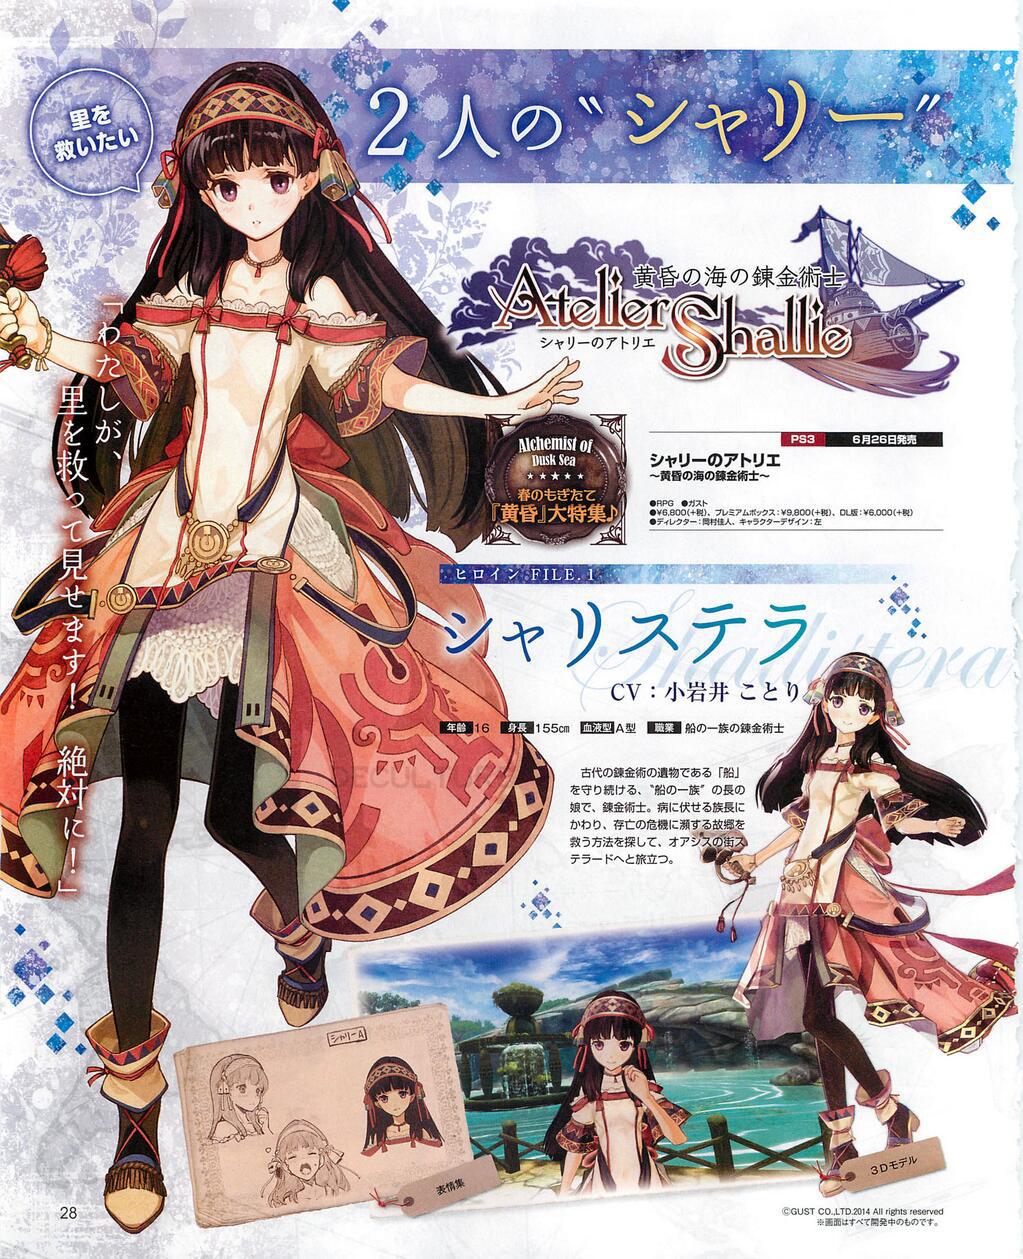 Atelier-Shallie-scan-02